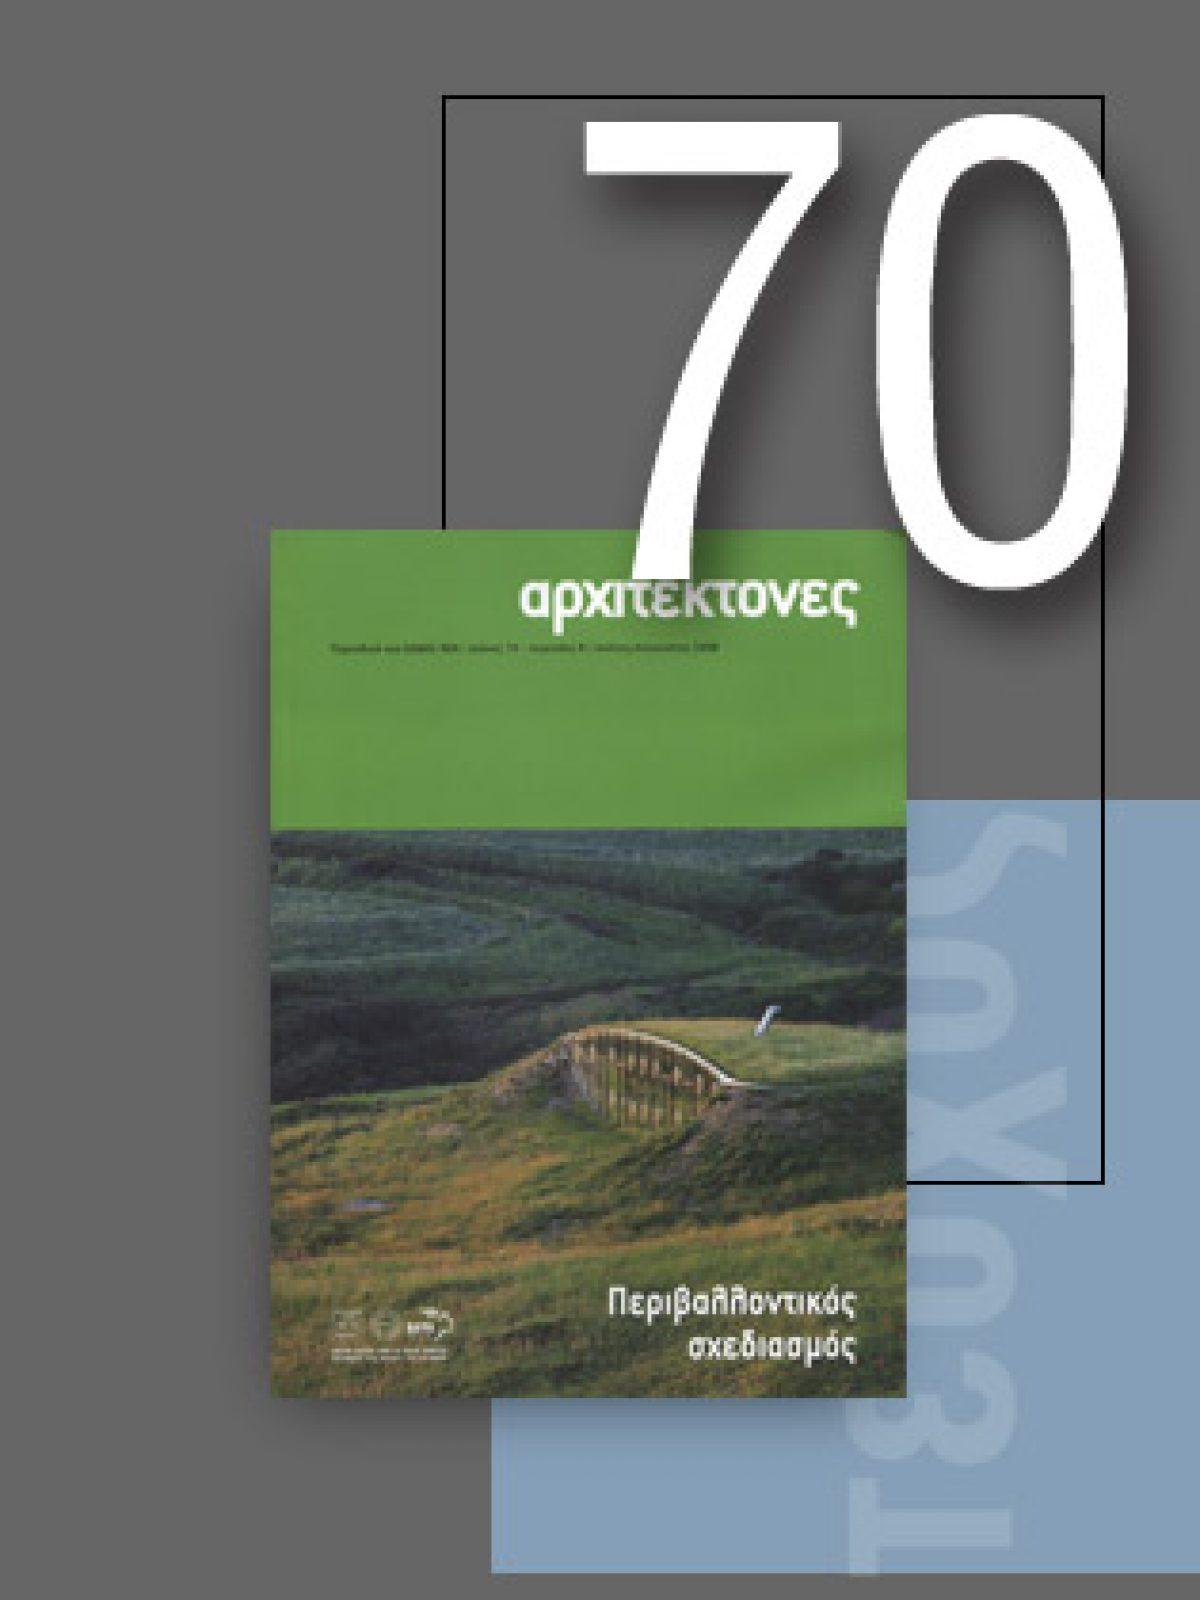 «Αρχιτέκτονες» Τεύχος 70, Περίοδος Β', Ιούλιος/Αύγουστος 2008 | Περιβαλλοντικός σχεδιασμός